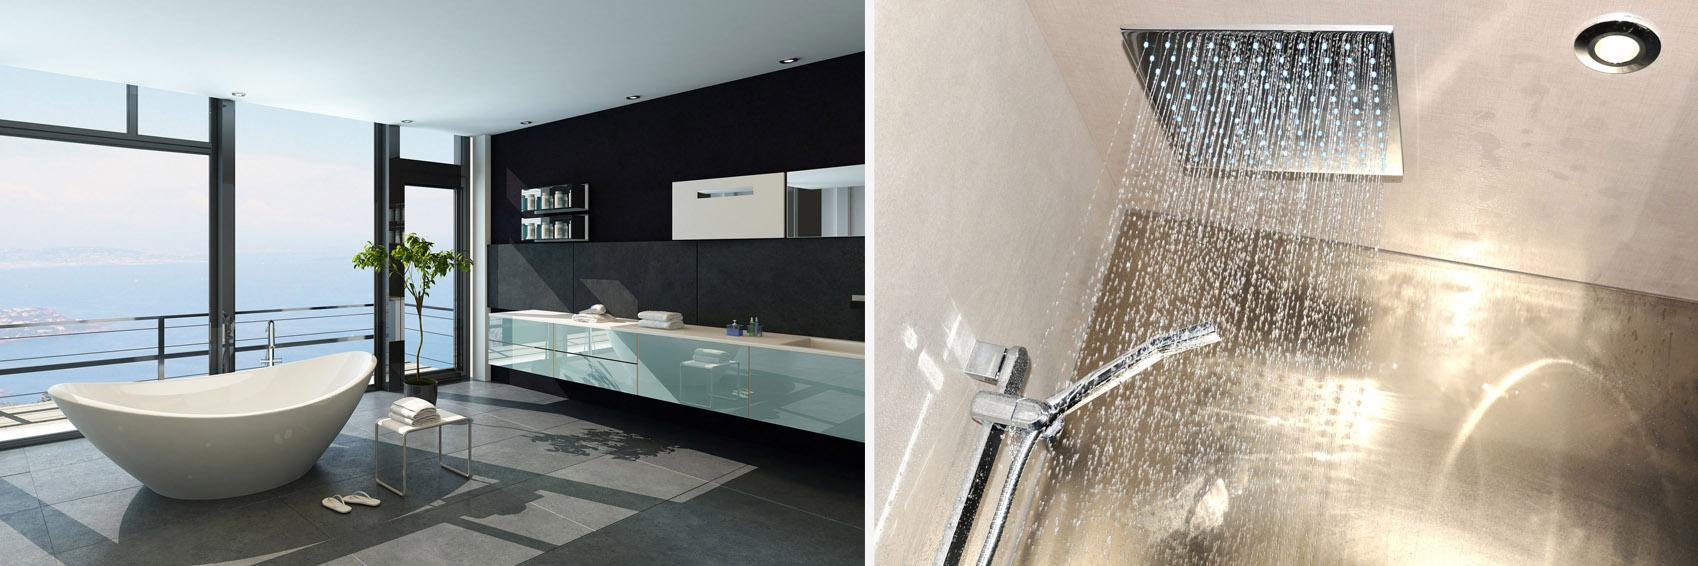 Création ou rénovation salle de bains